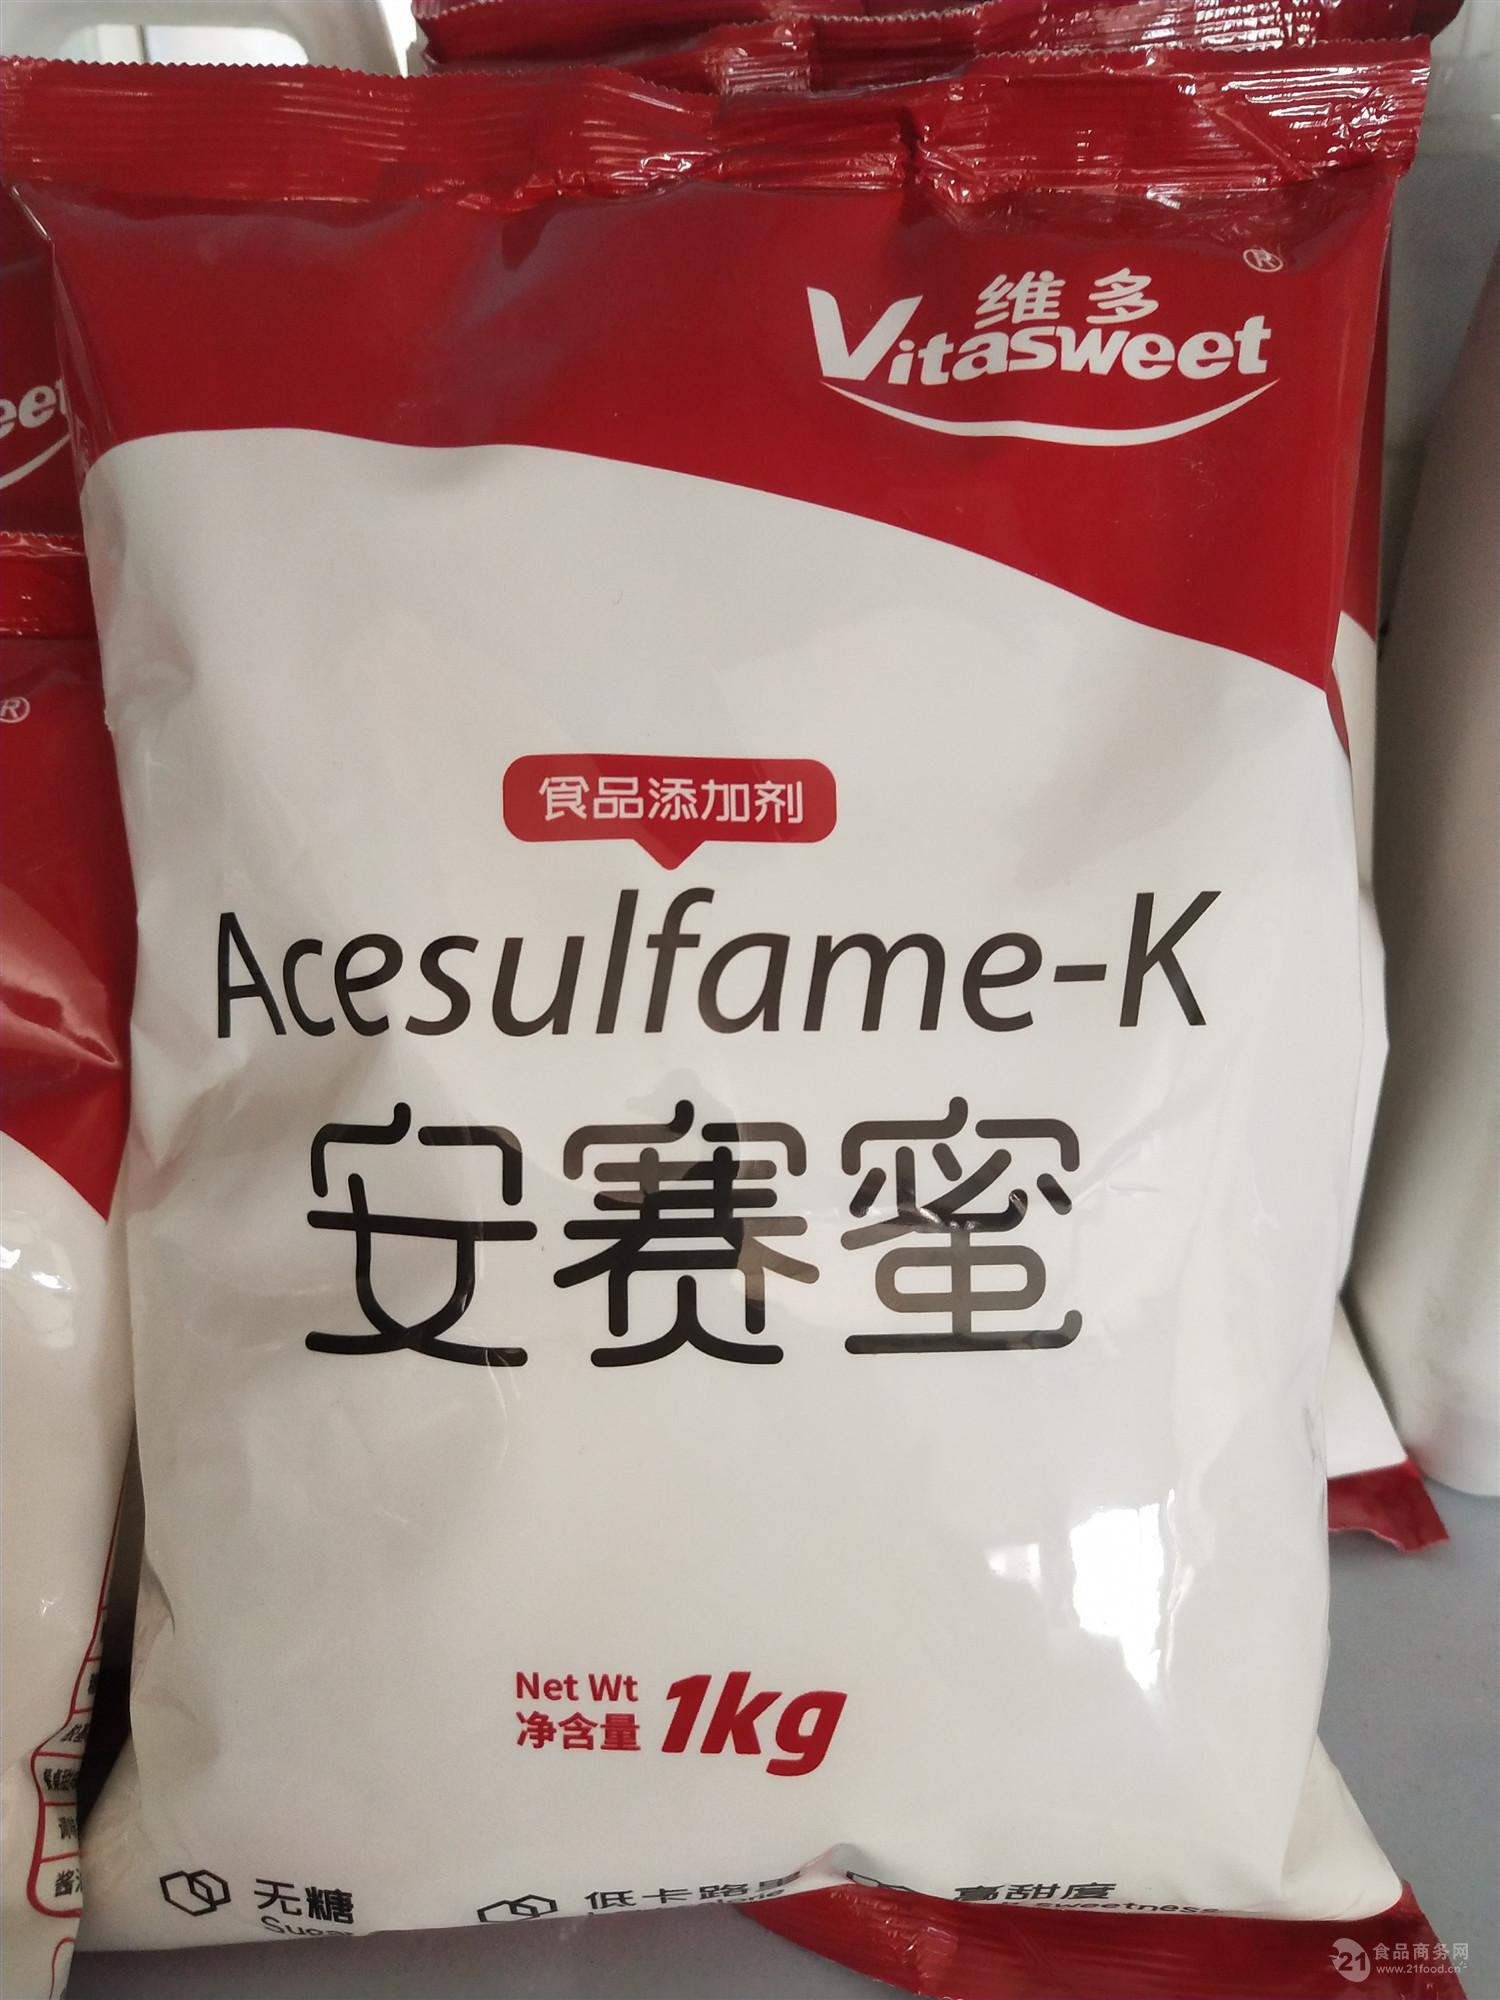 甜味剂维多安赛蜜AK糖食品饮料用200倍甜度甜味纯正,正品保证